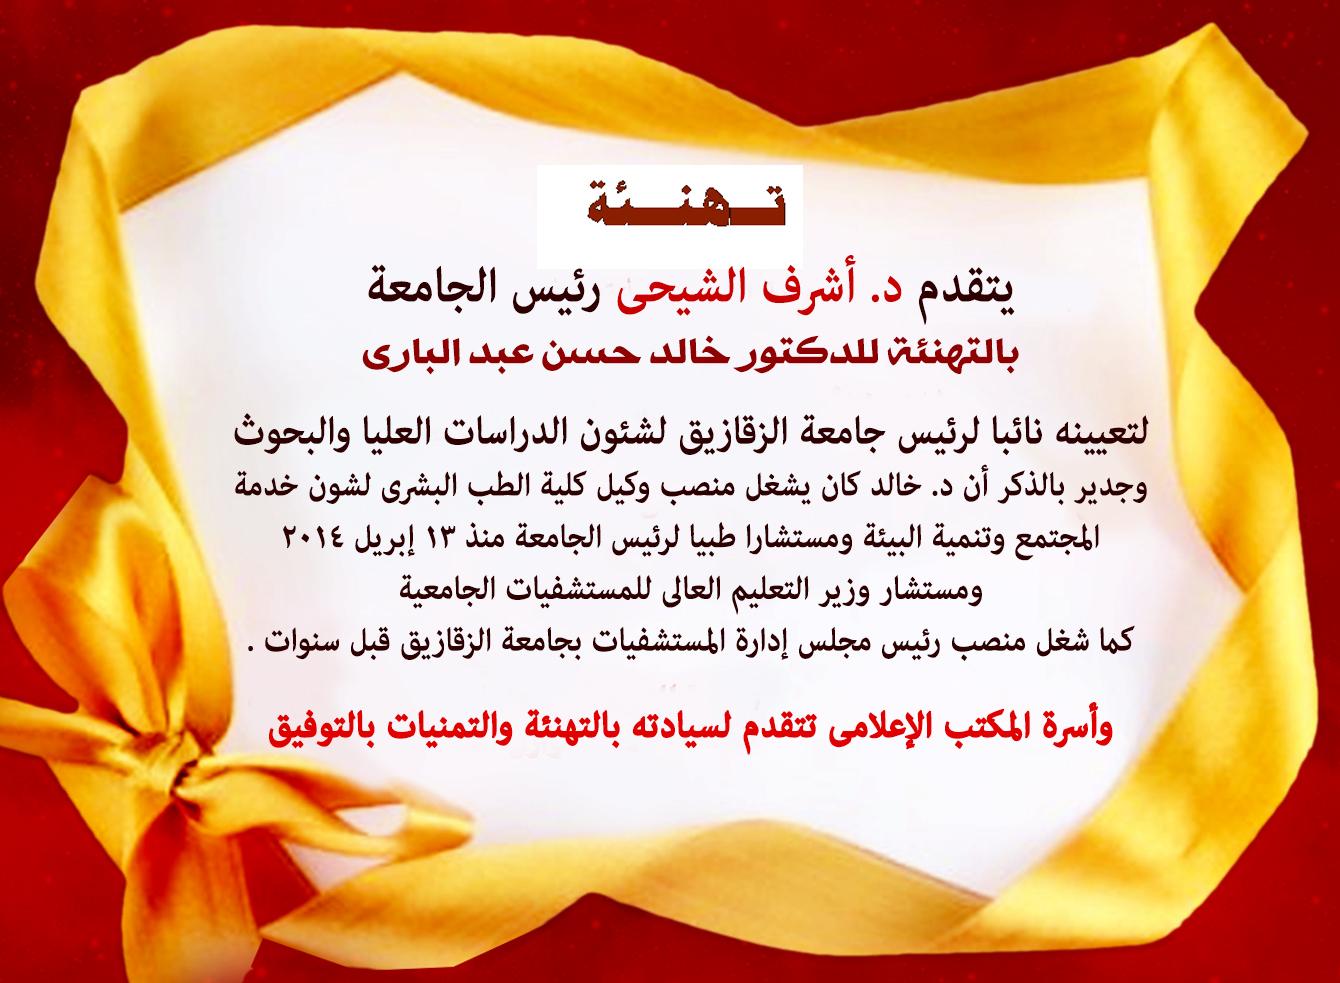 يتقدم د. أشرف الشيحى رئيس الجامعة بالتهنئة